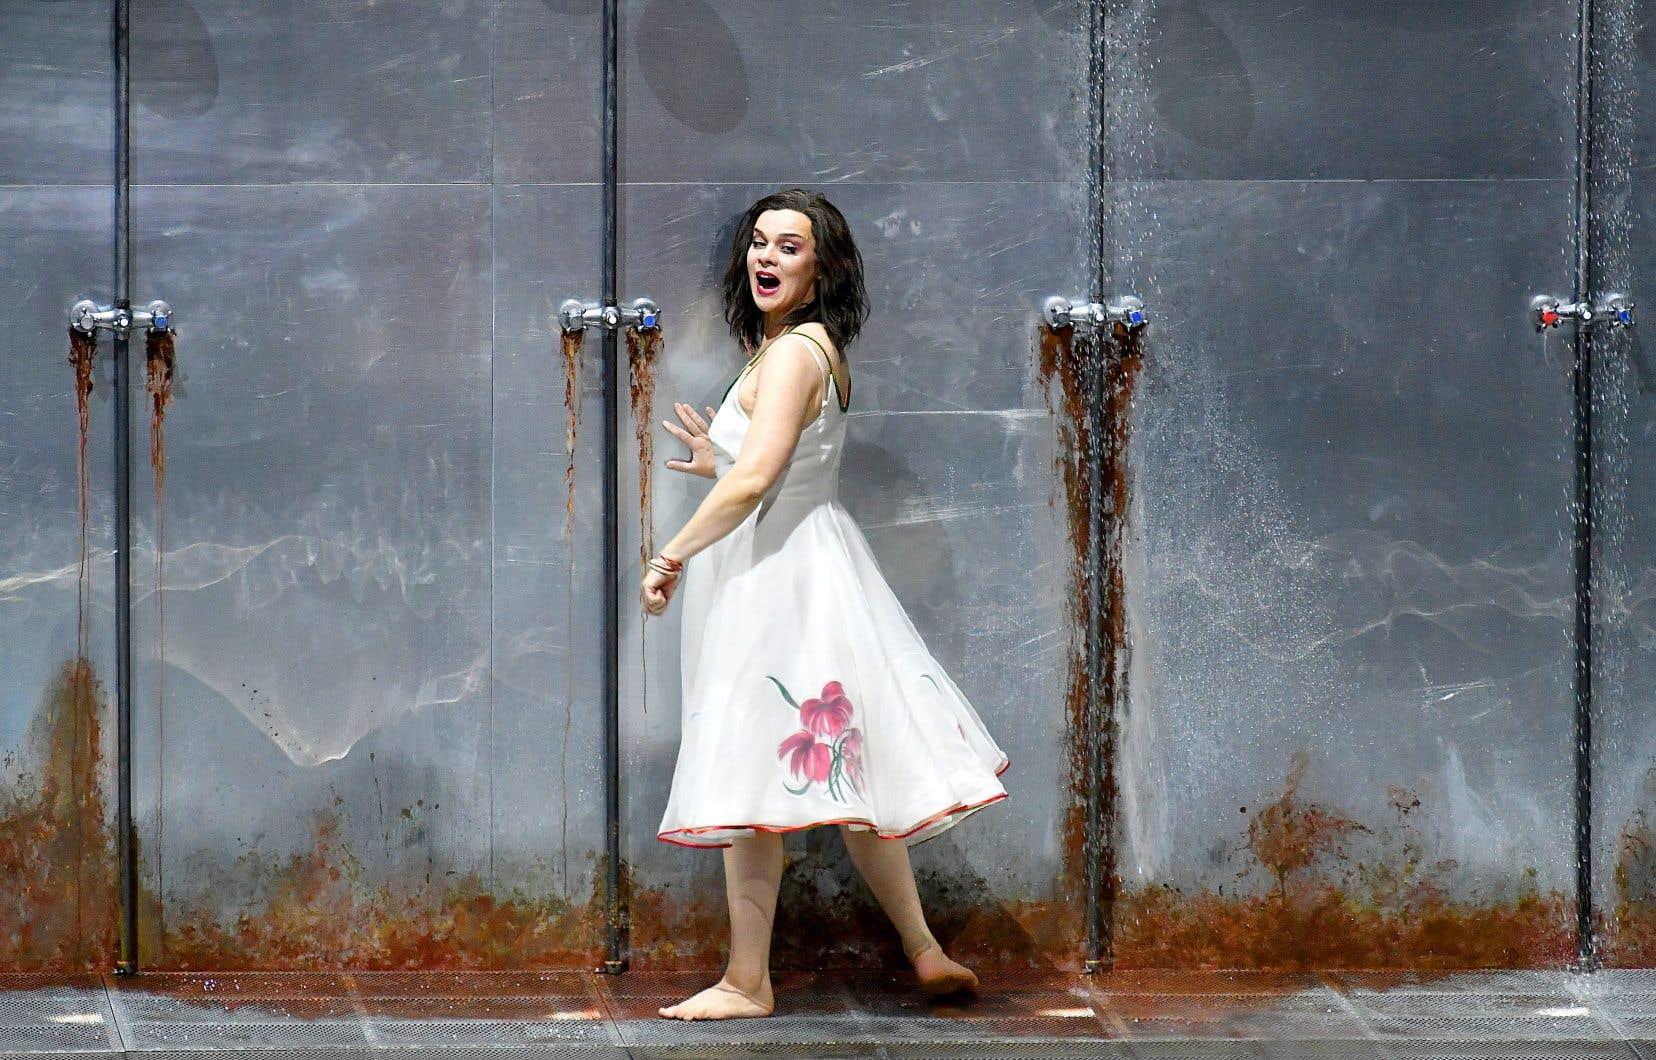 Le Festival de Salzbourg s'ouvrira avec «Elektra», de Richard Strauss, sous la direction de Franz WelserMöst, avec Krzysztof Warlikowski à la mise en scène, habitué des grandes maisons d'opéra. La soprano lituanienne Ausrine Stundyte (en répétition sur notre photo) campera le rôle-titre à l'occasion de sa première apparition au Festival.